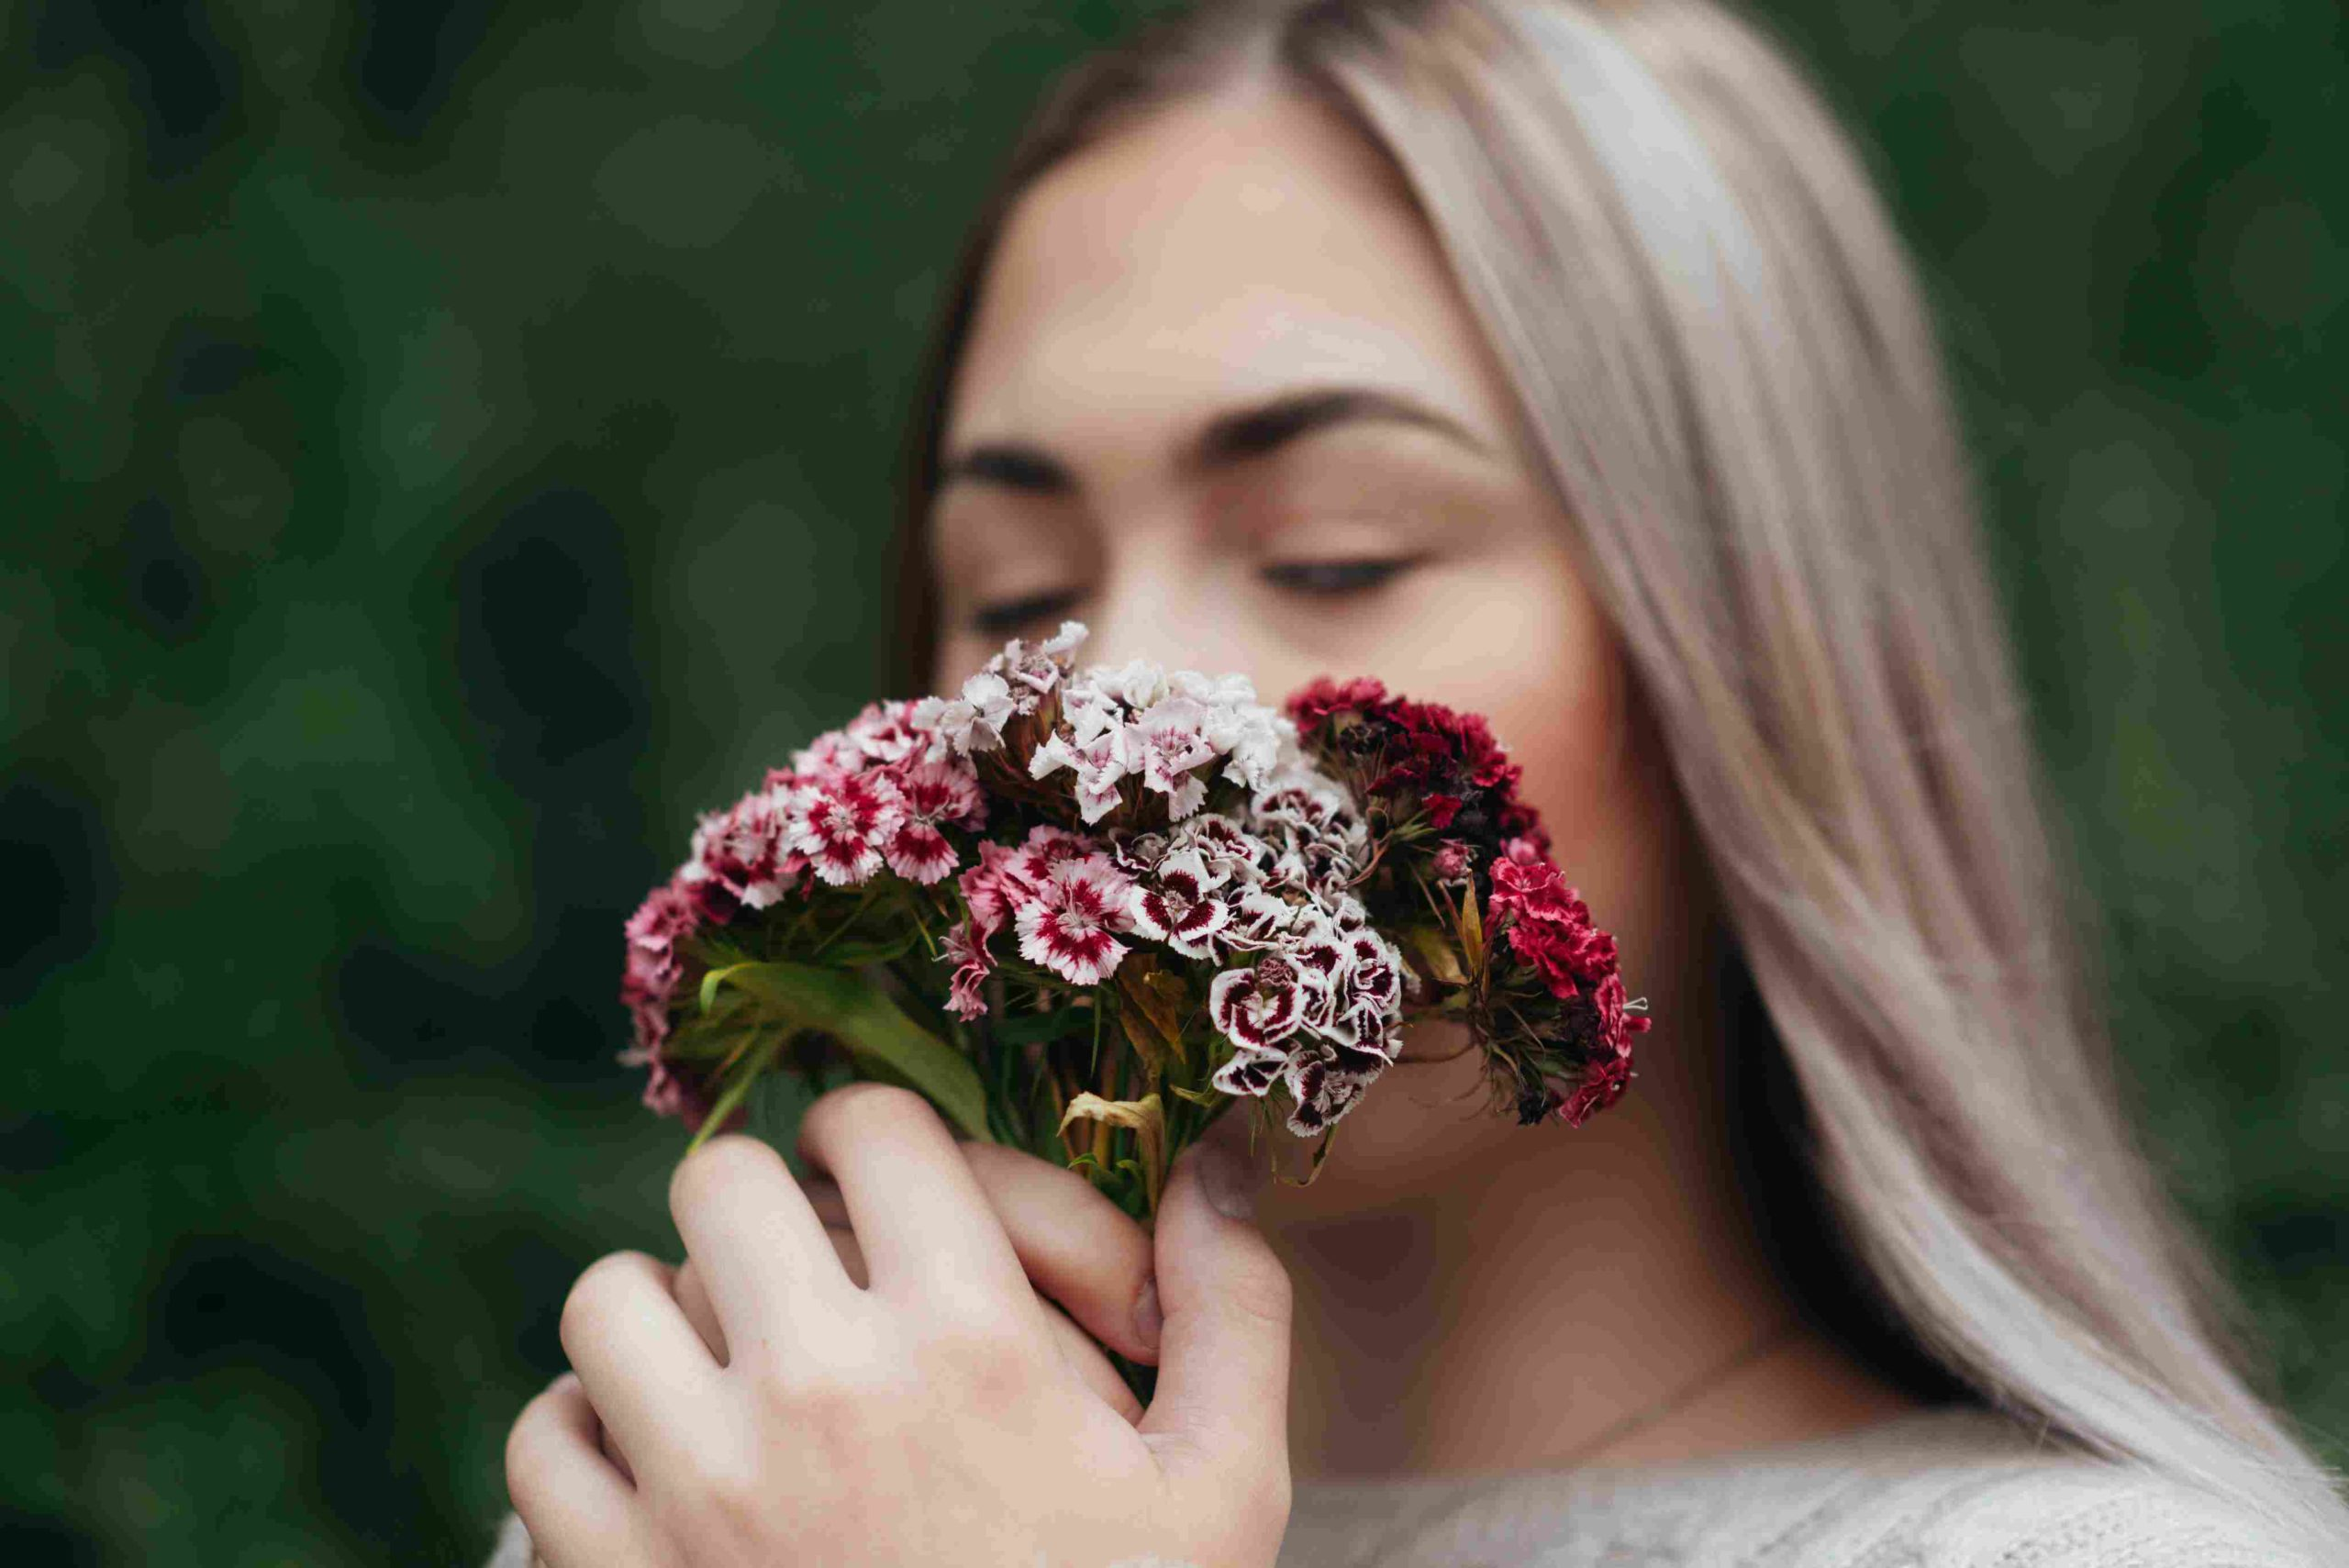 Frau riecht an Blumen